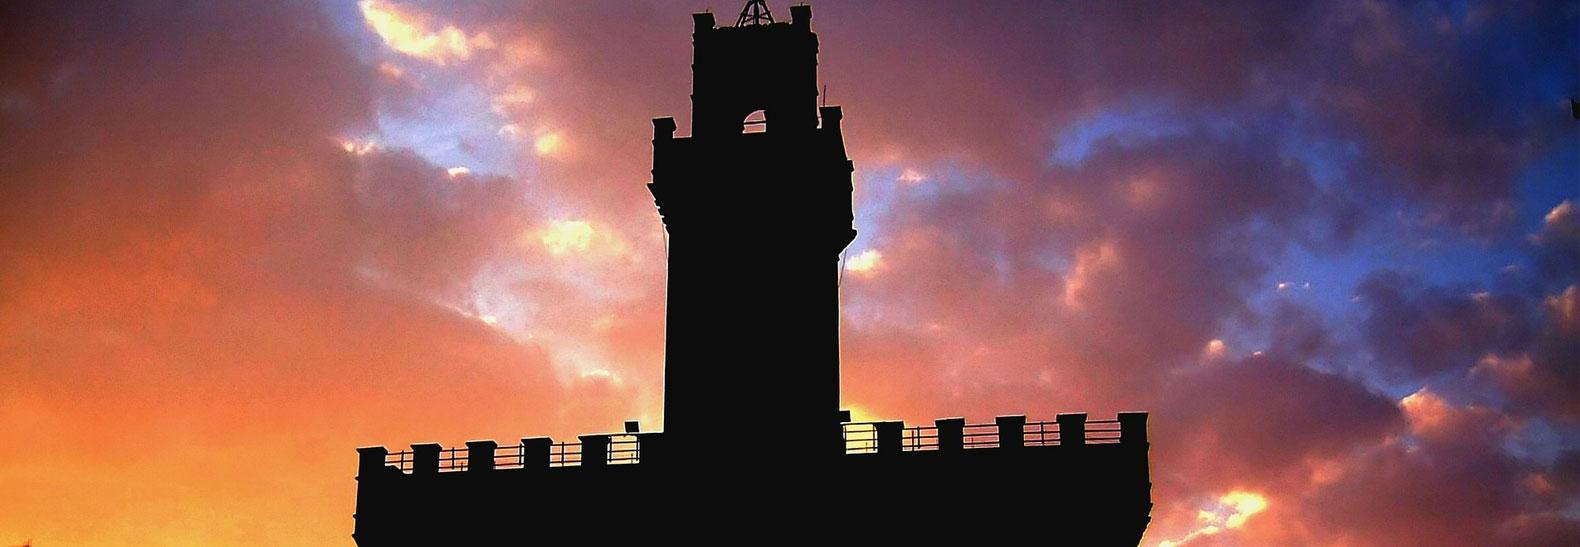 Podere San Bartolomeo Castagneto Carducci top 10 places for a fairytale wedding in tuscany | abbazia